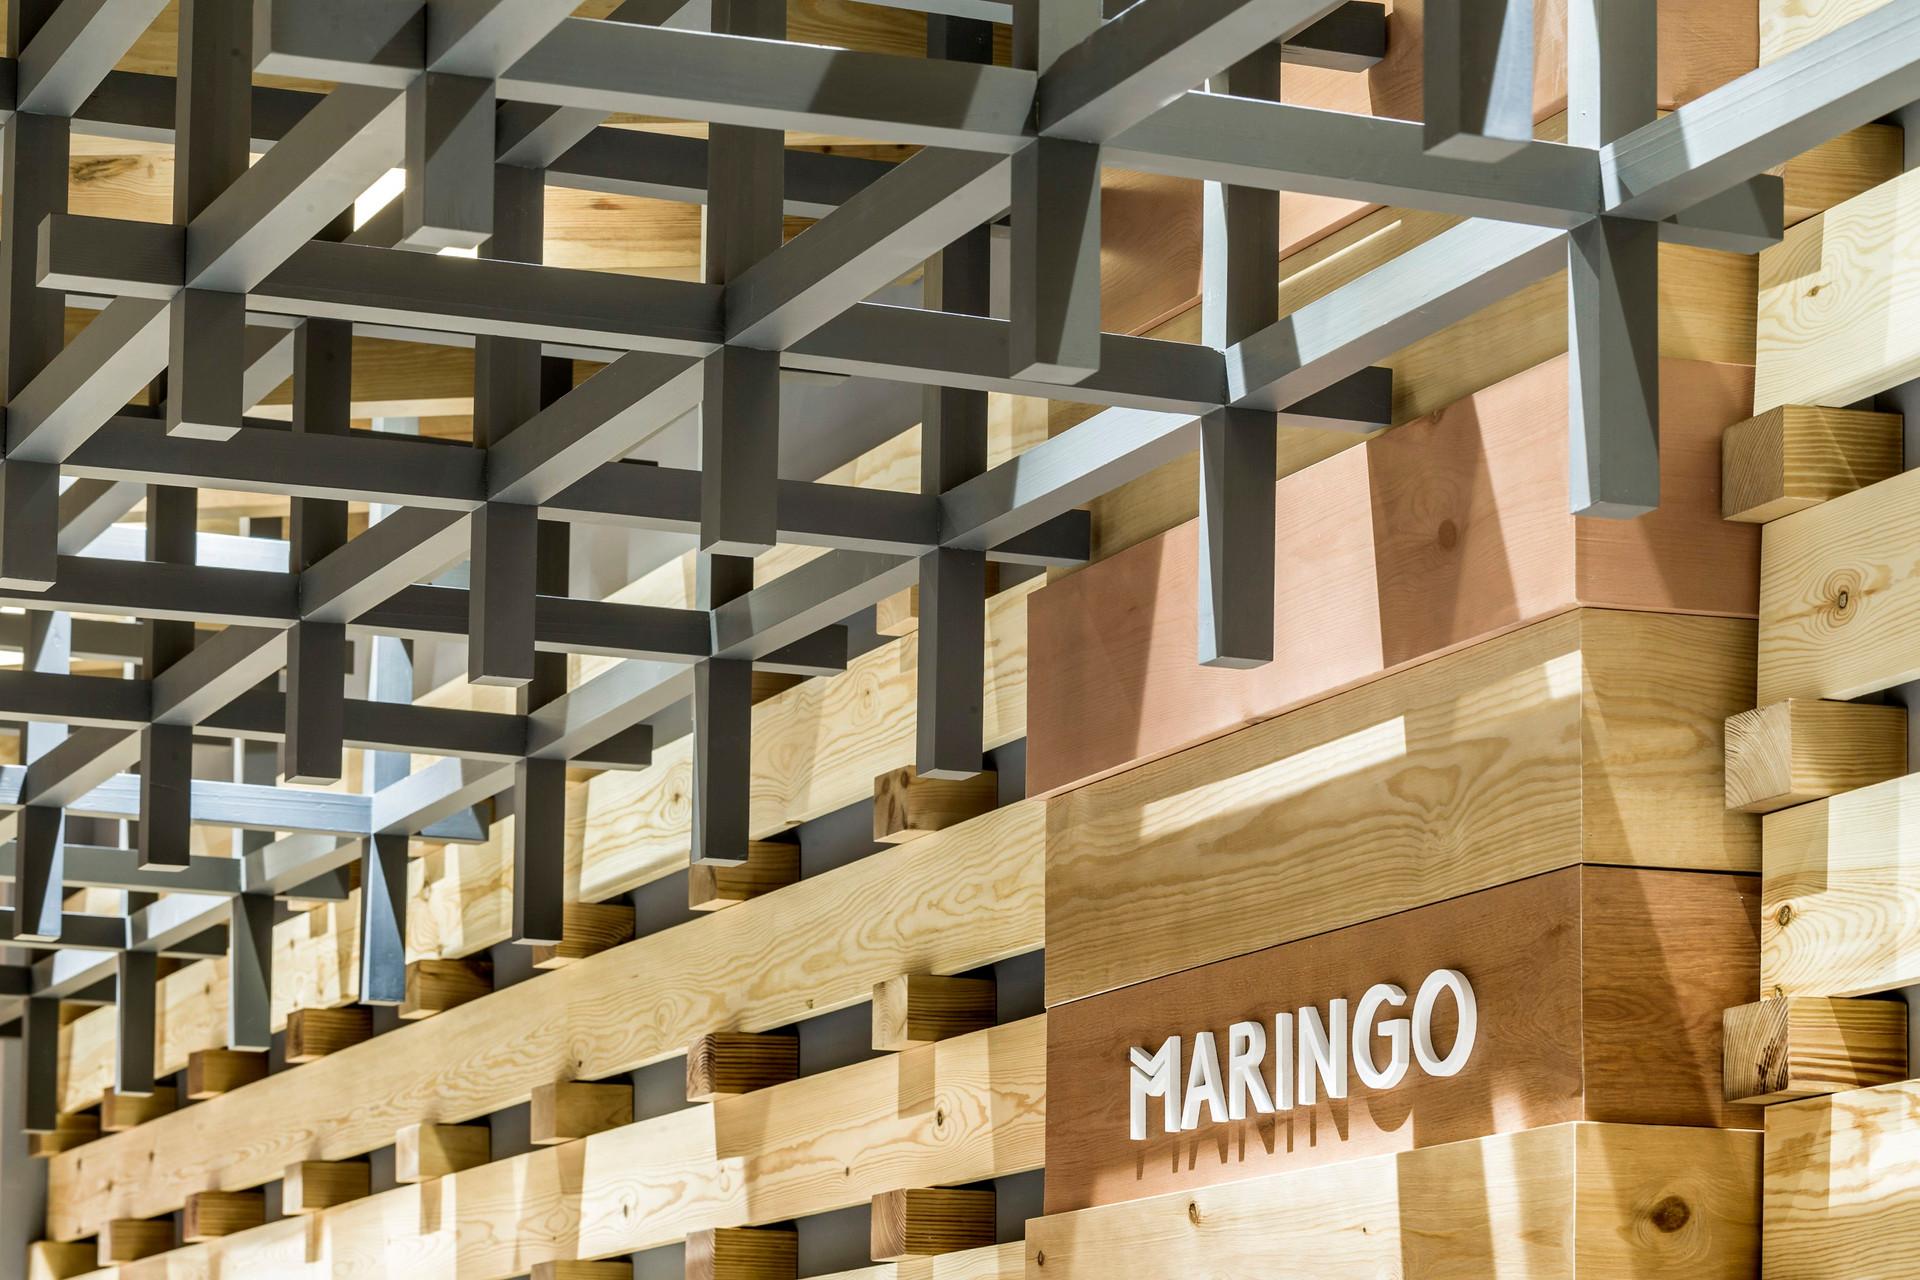 Maringo